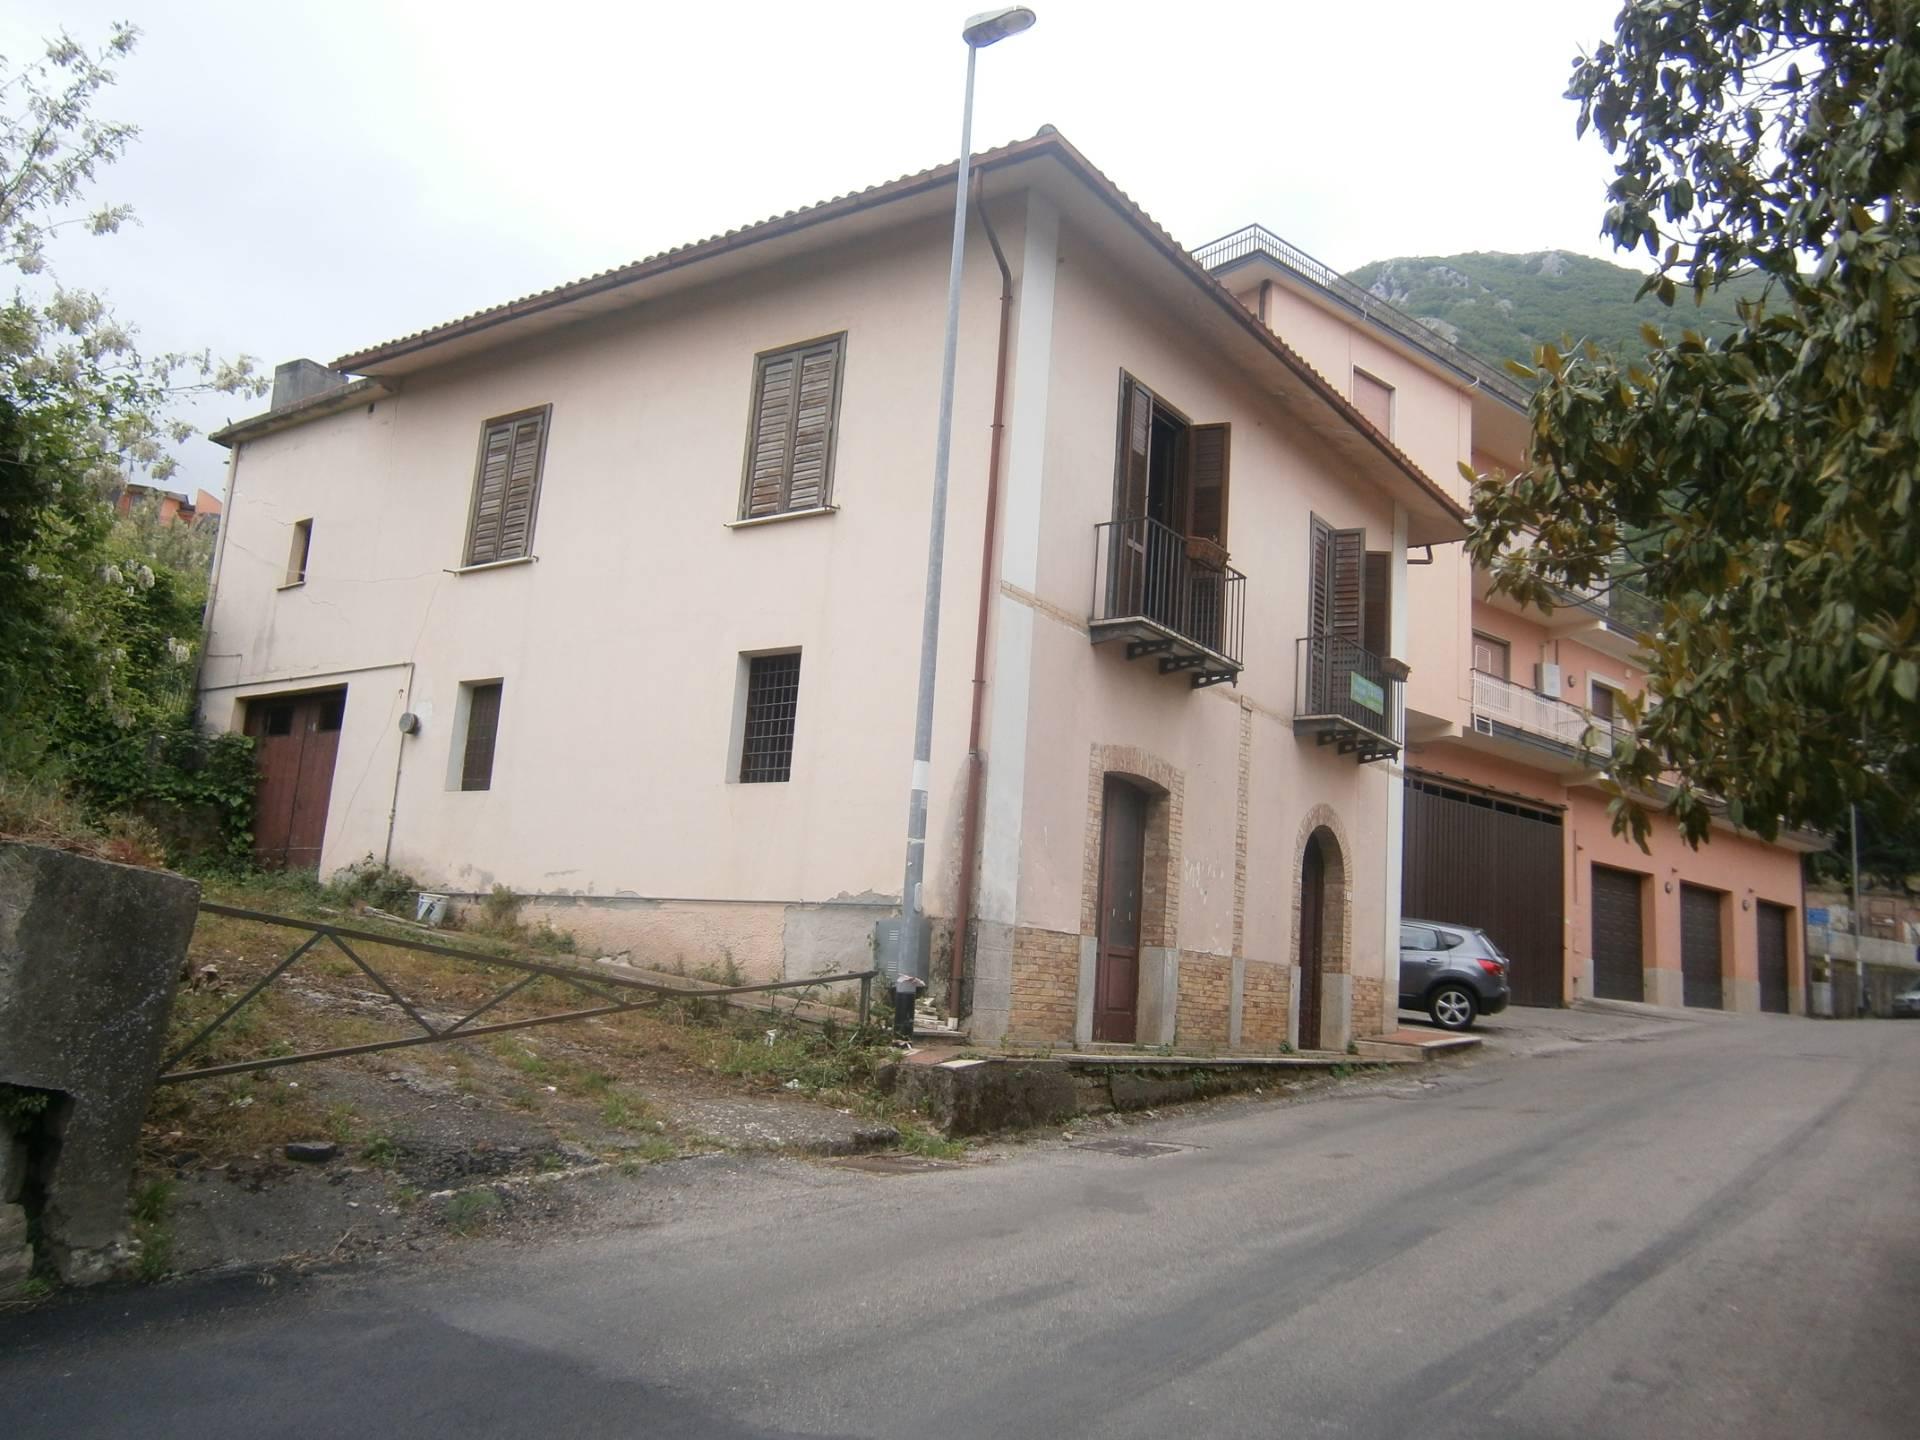 Rustico / Casale in vendita a Paupisi, 8 locali, prezzo € 79.000   CambioCasa.it